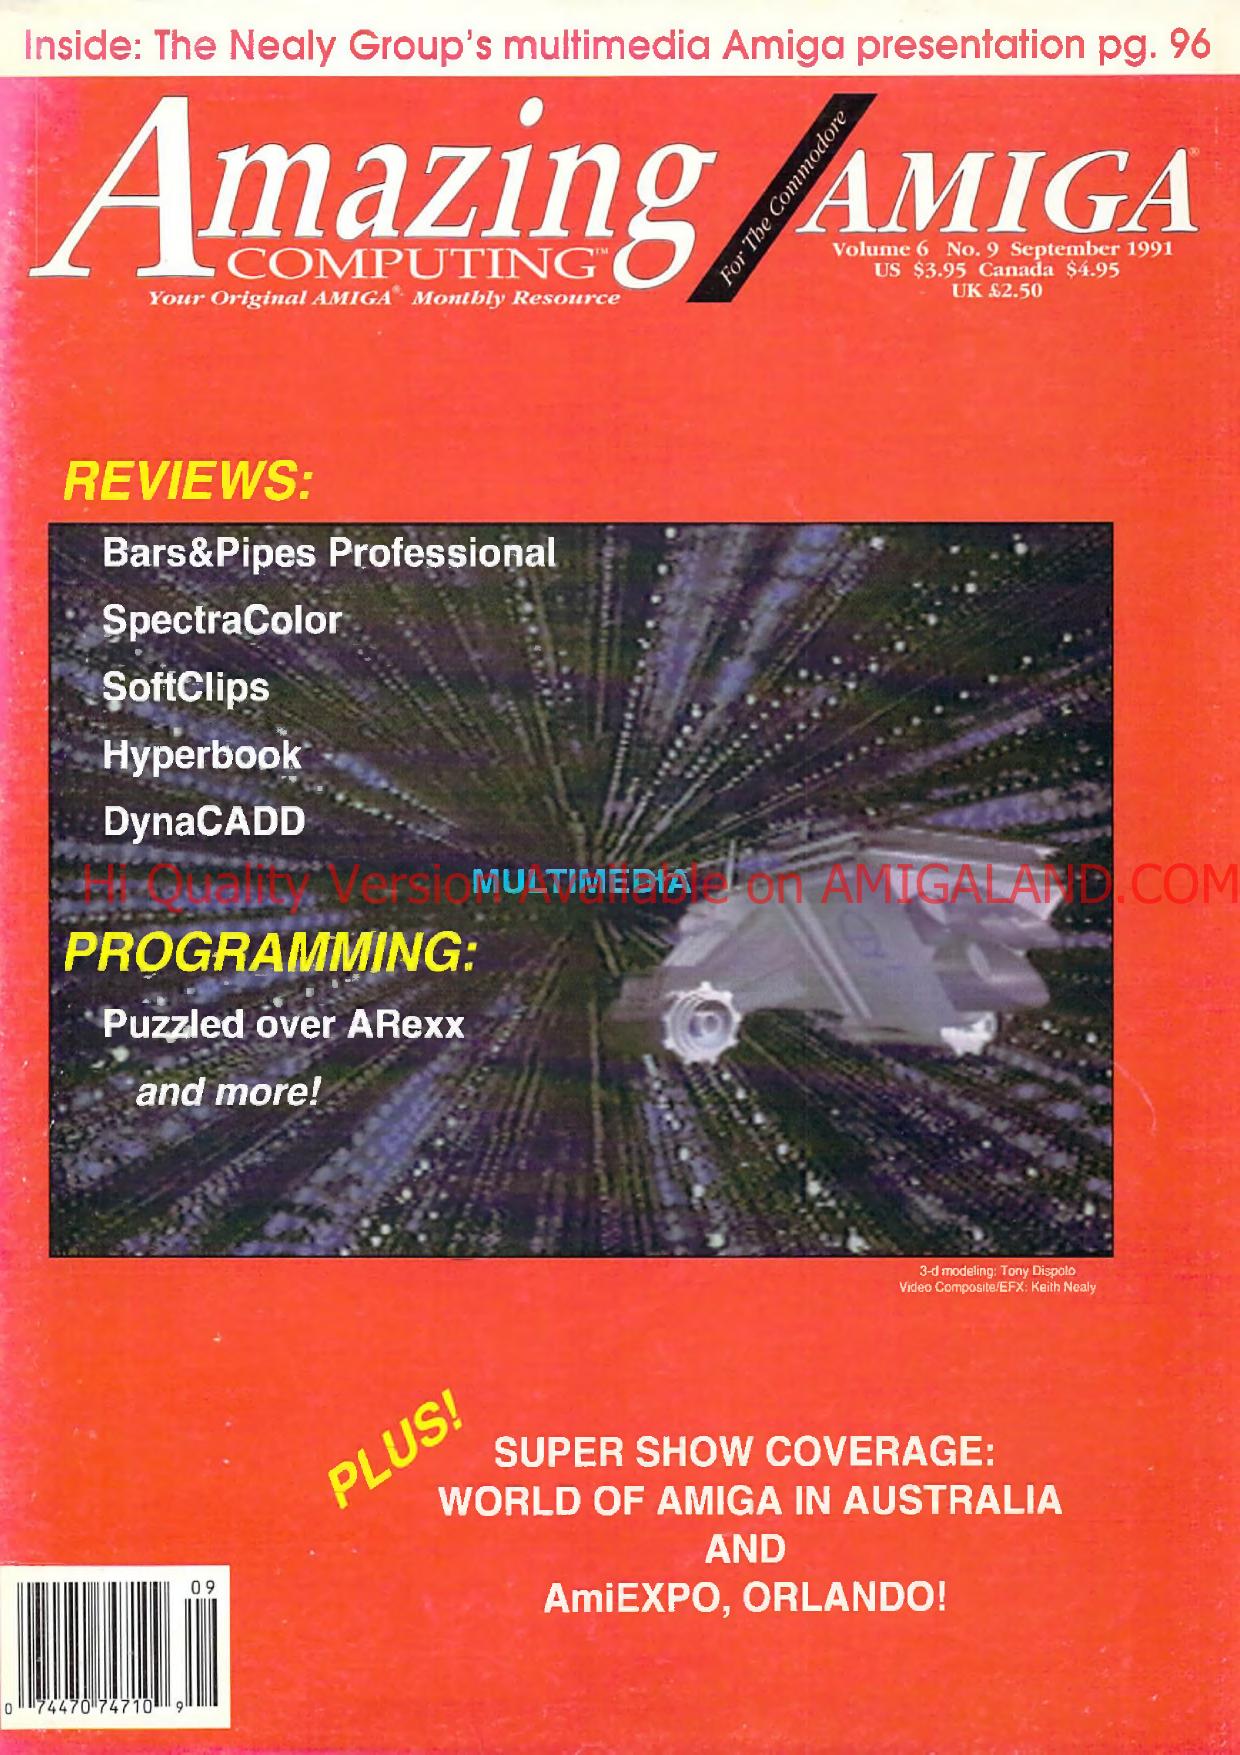 expansion - AMIGALAND V6 05 | manualzz com